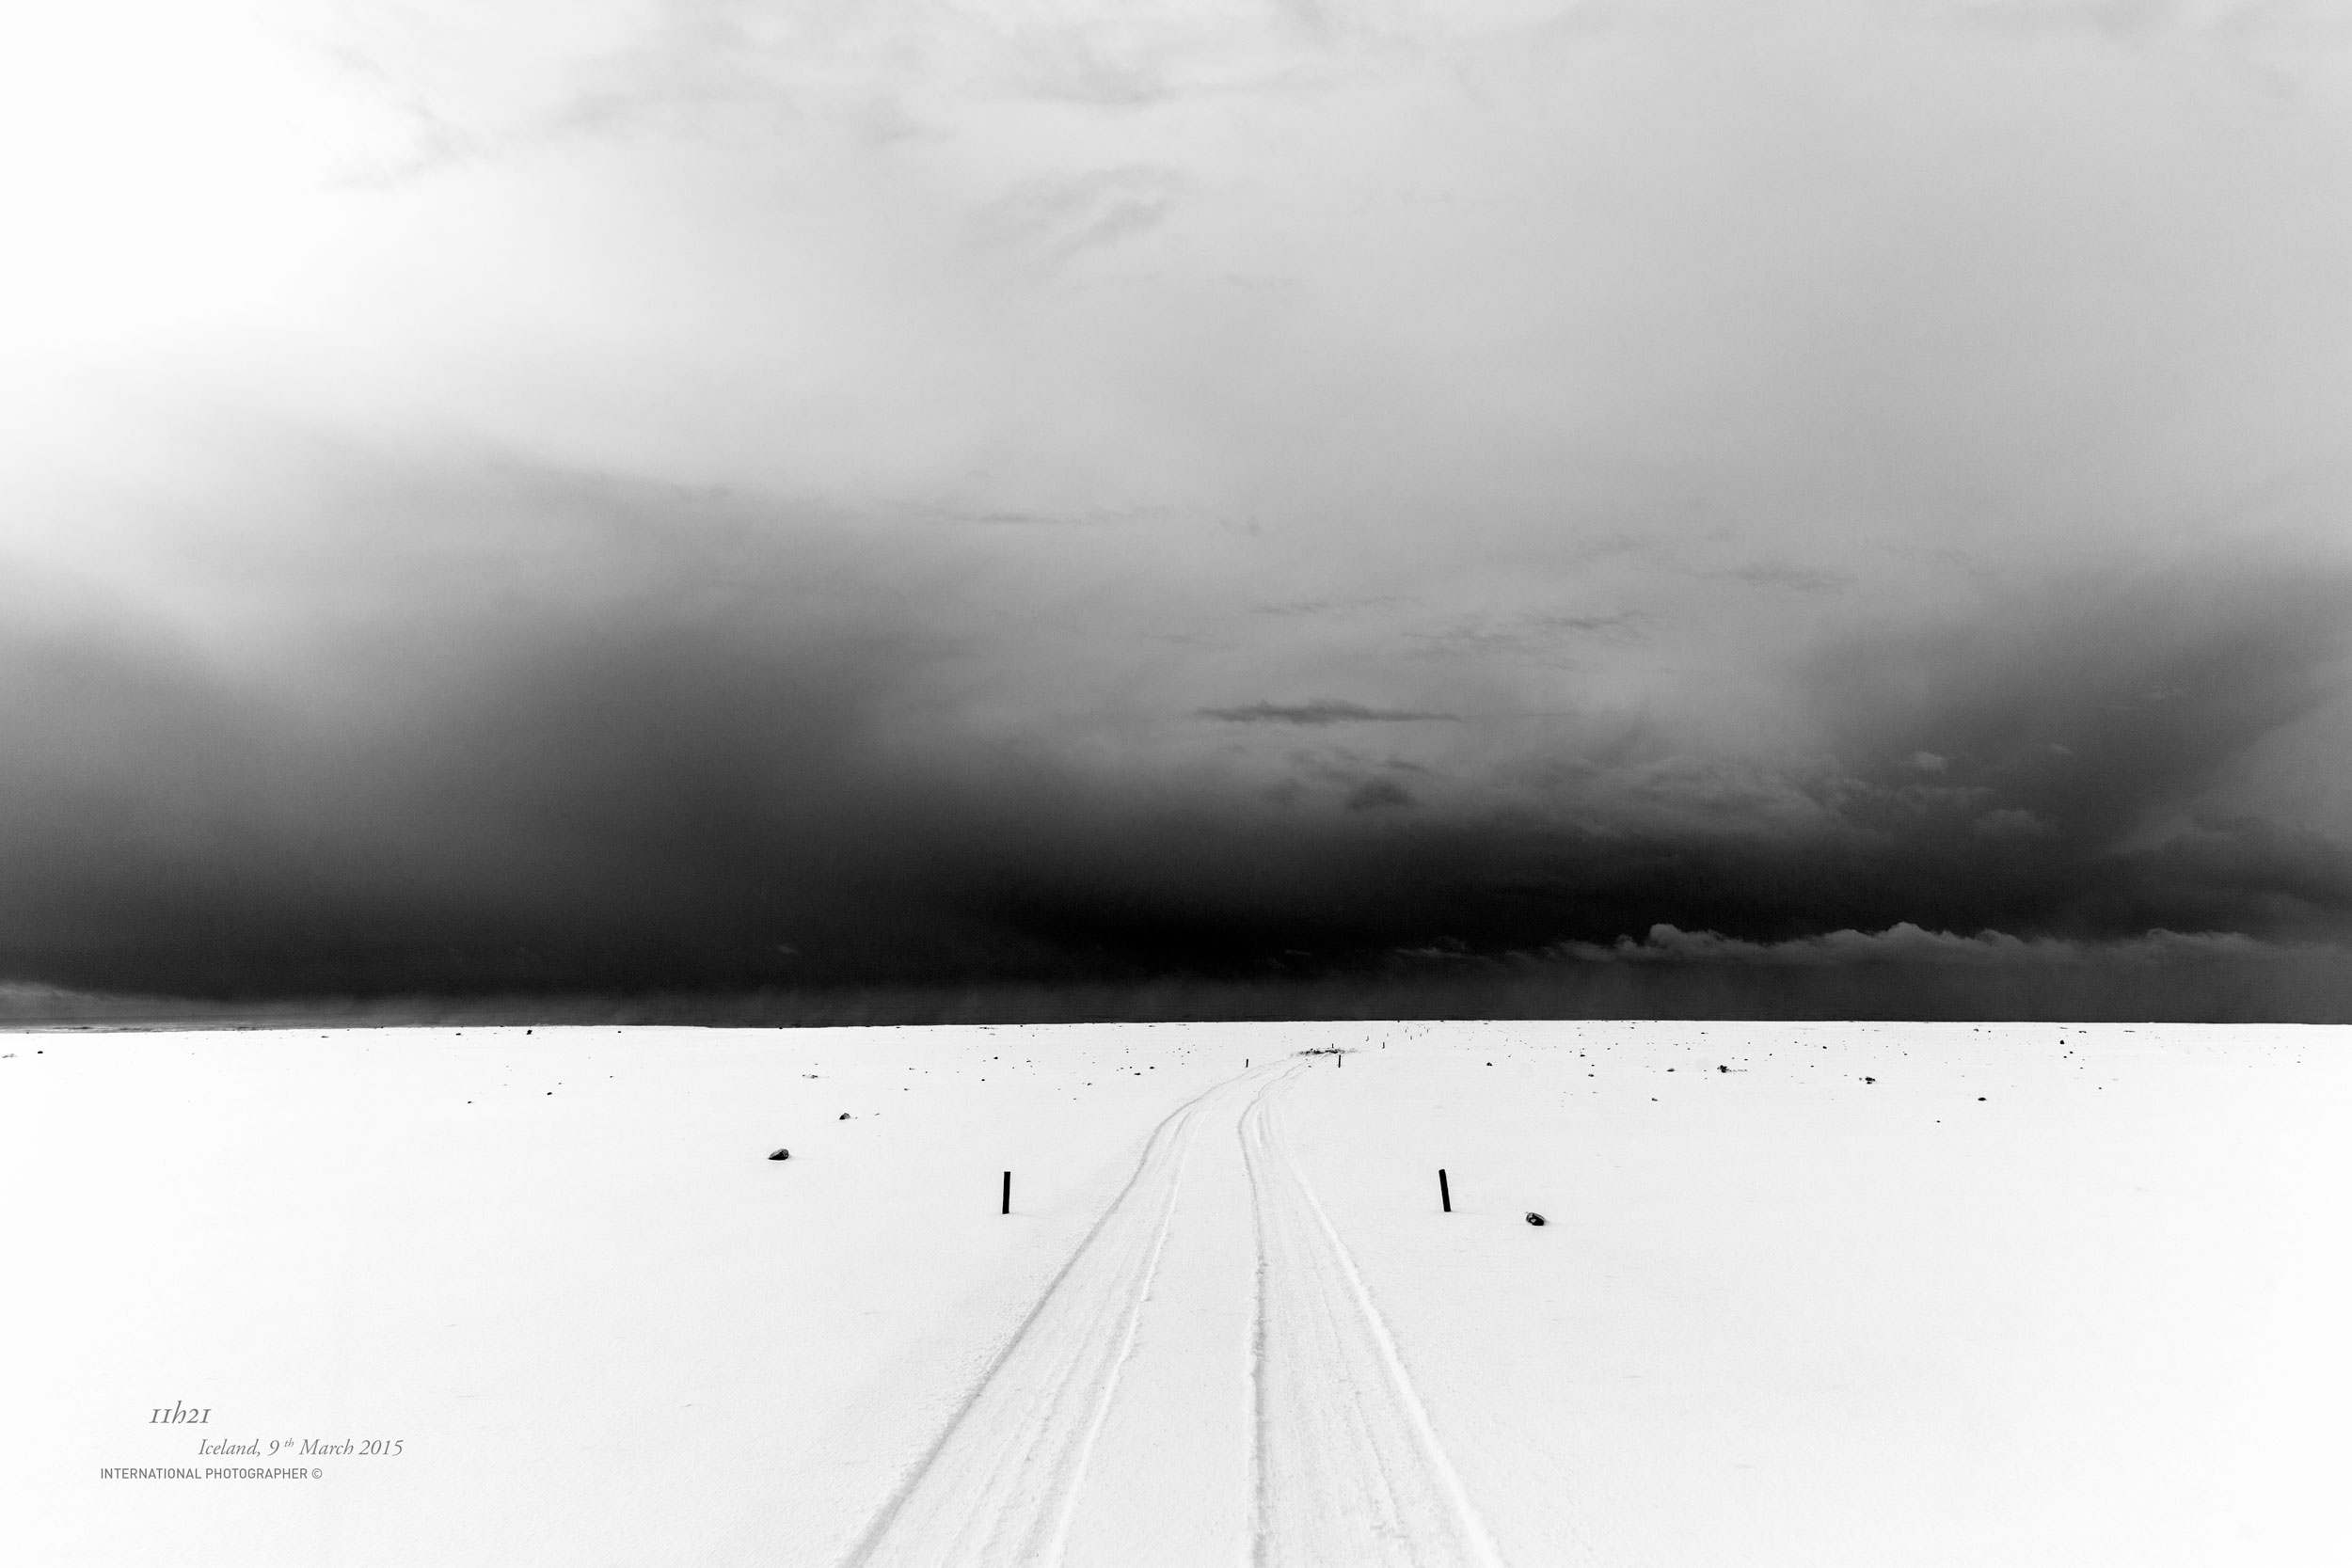 La route vers l'épave de l'avion DC3 sous la neige